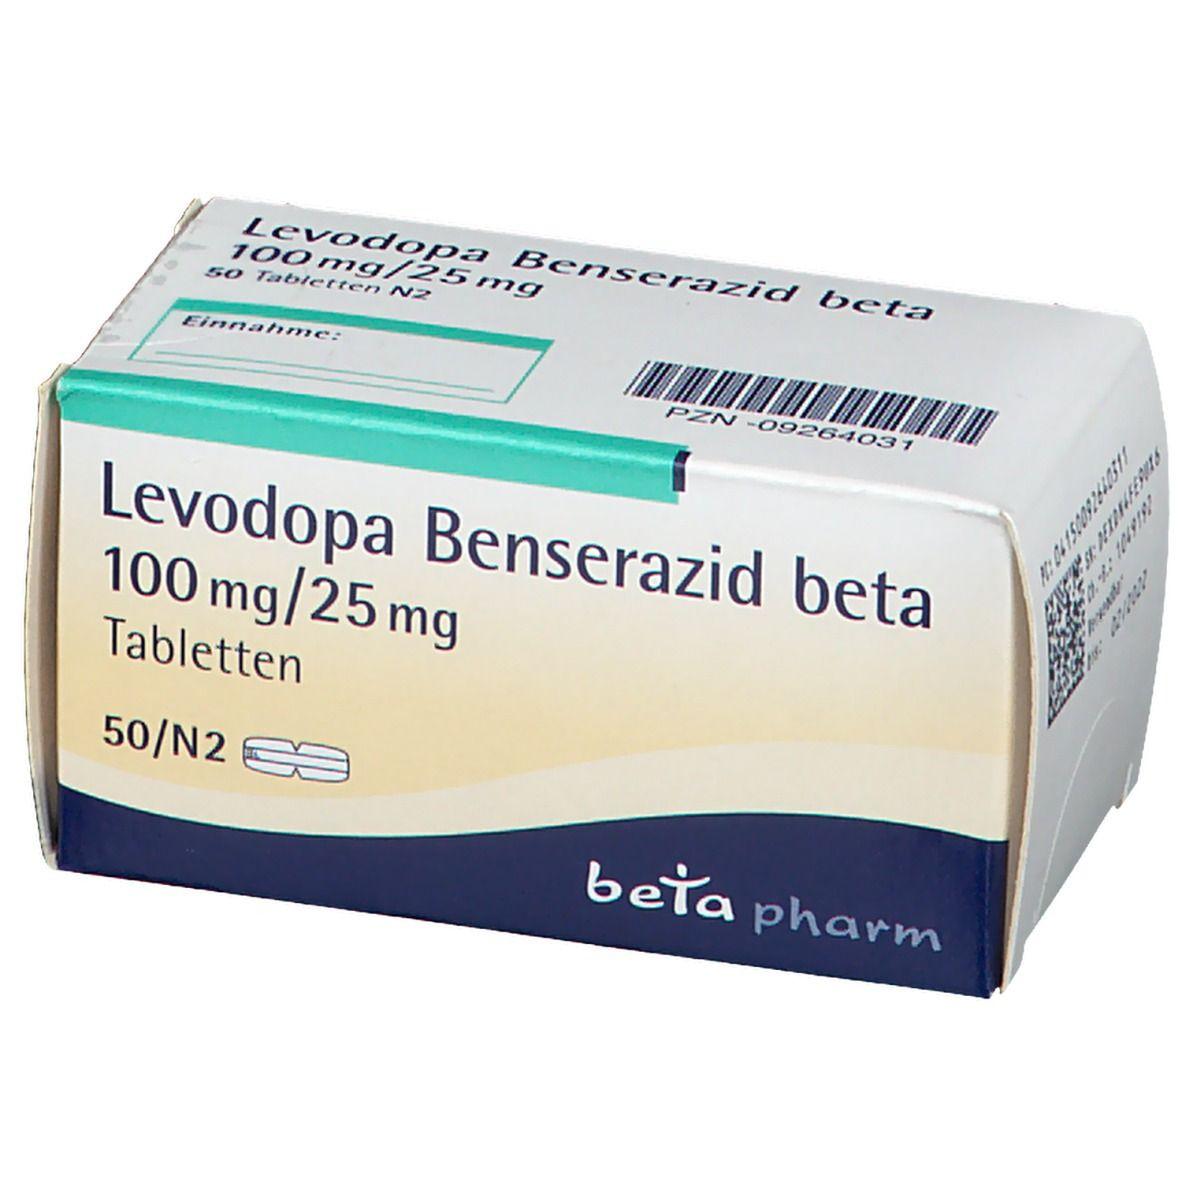 LEVODOPA Benserazid beta100mg/25mg